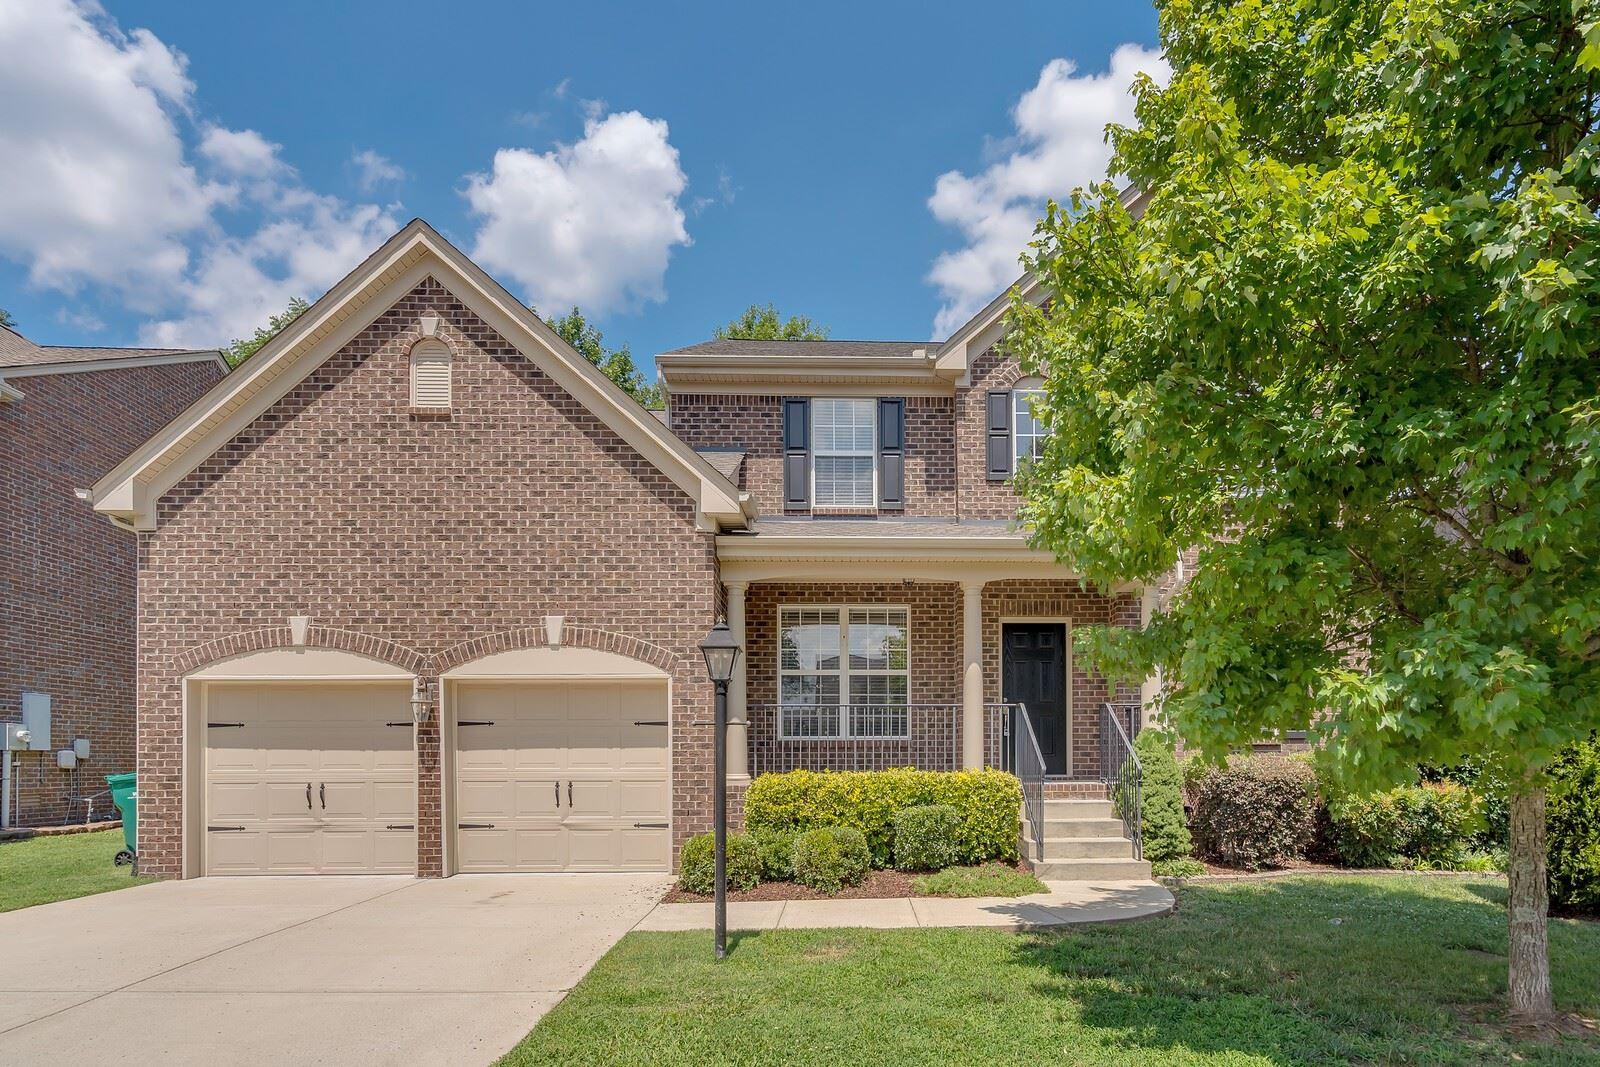 1313 Avery Park Ln, Mount Juliet, TN 37122 - MLS#: 2171664